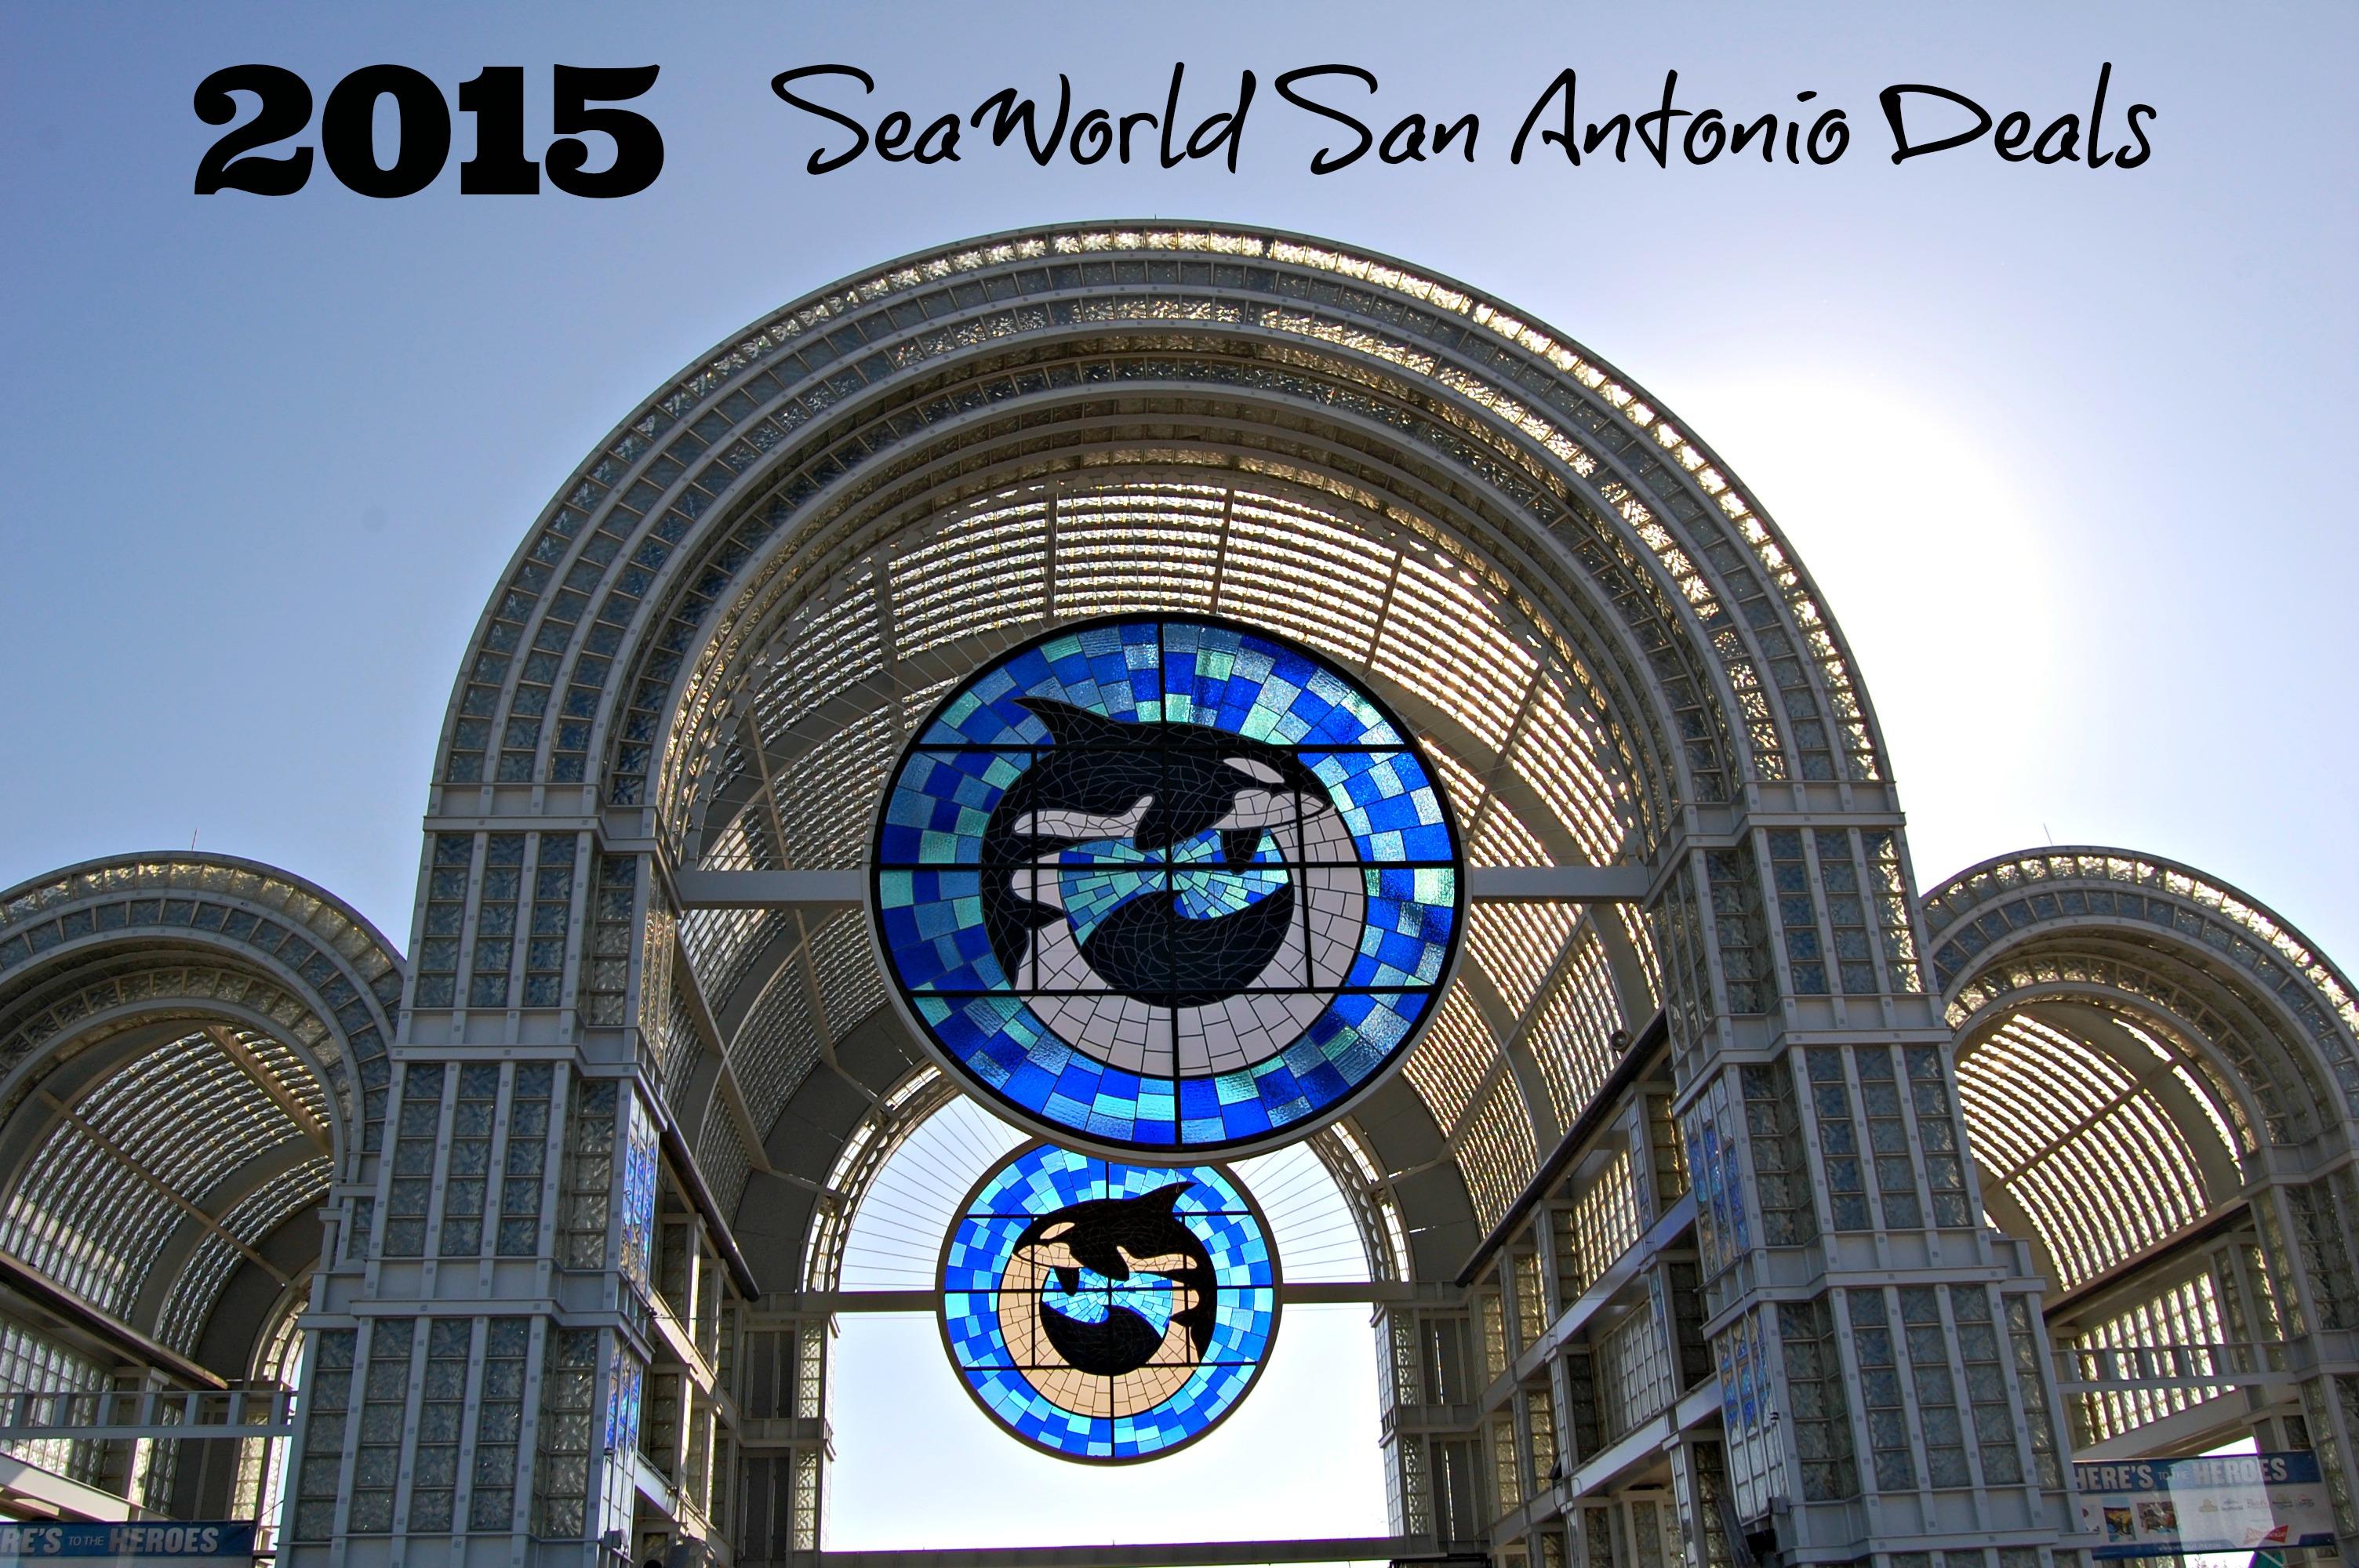 Seaworld deals seaworld san antonio